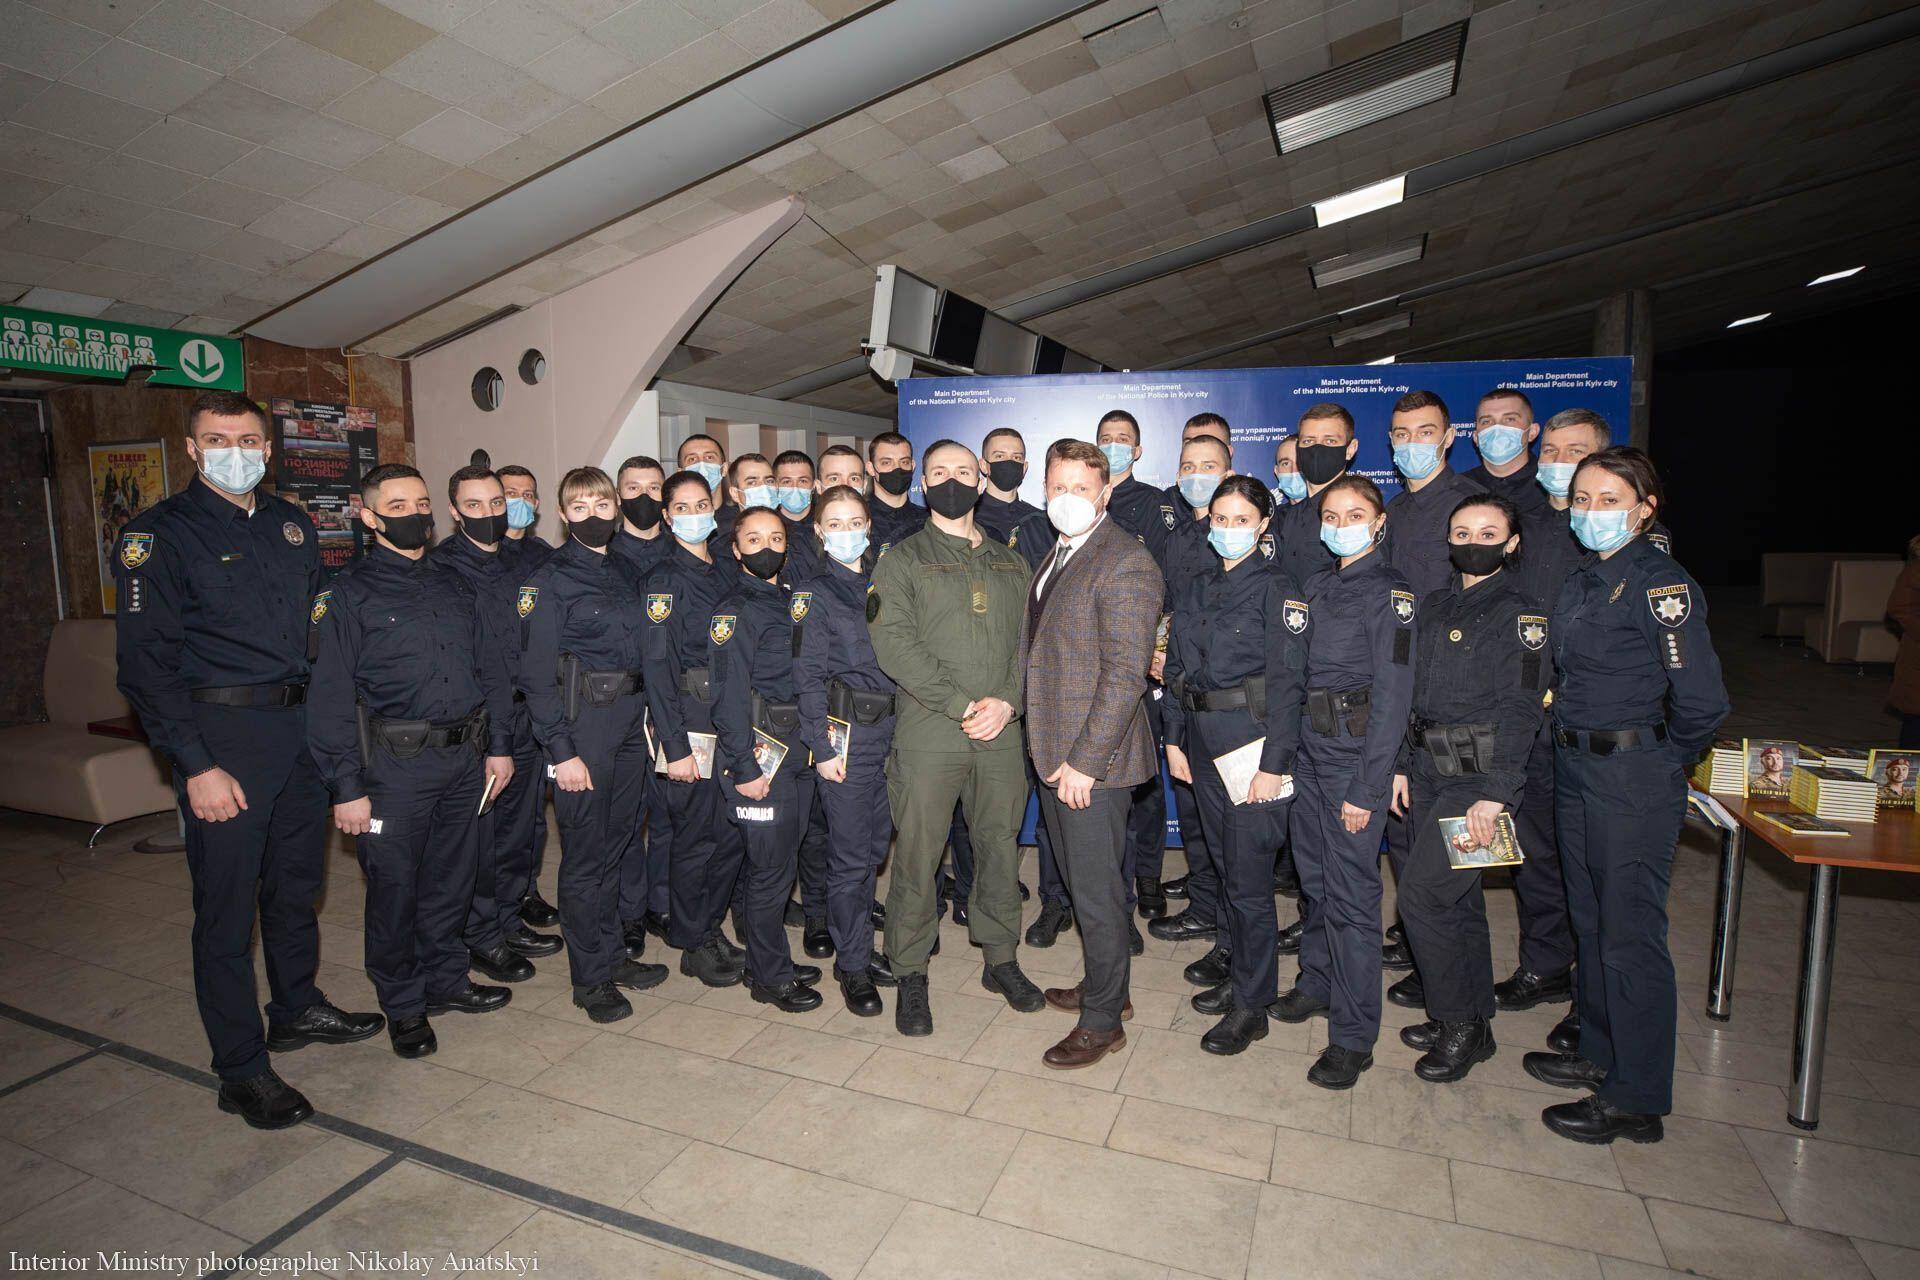 Украина показала, что будет заниматься судьбой каждого военнослужащего, подчеркнул Шевченко